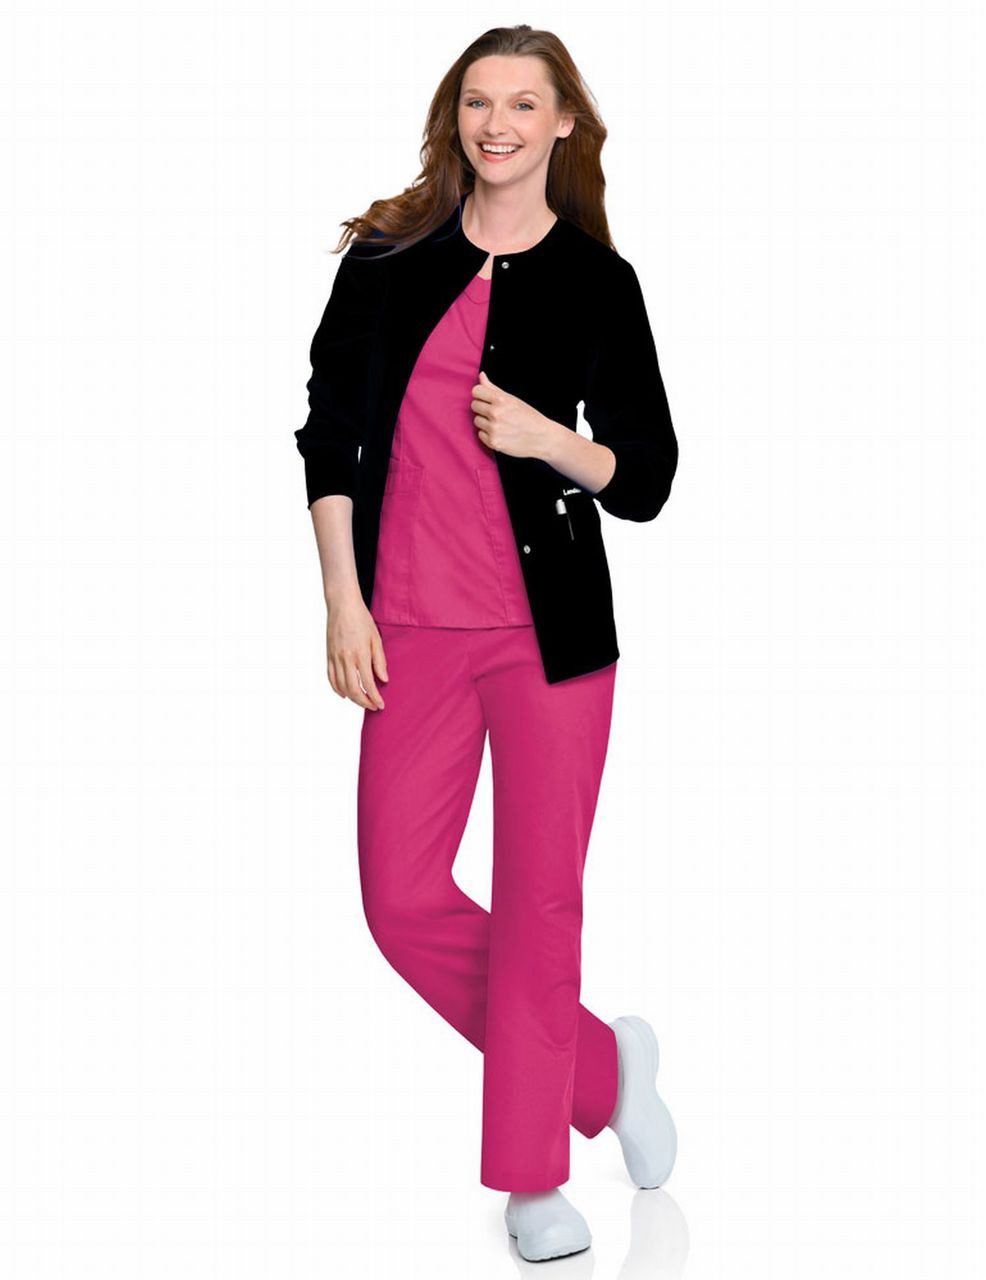 (7525) Landau Scrubs - Women's Warm-Up Jacket